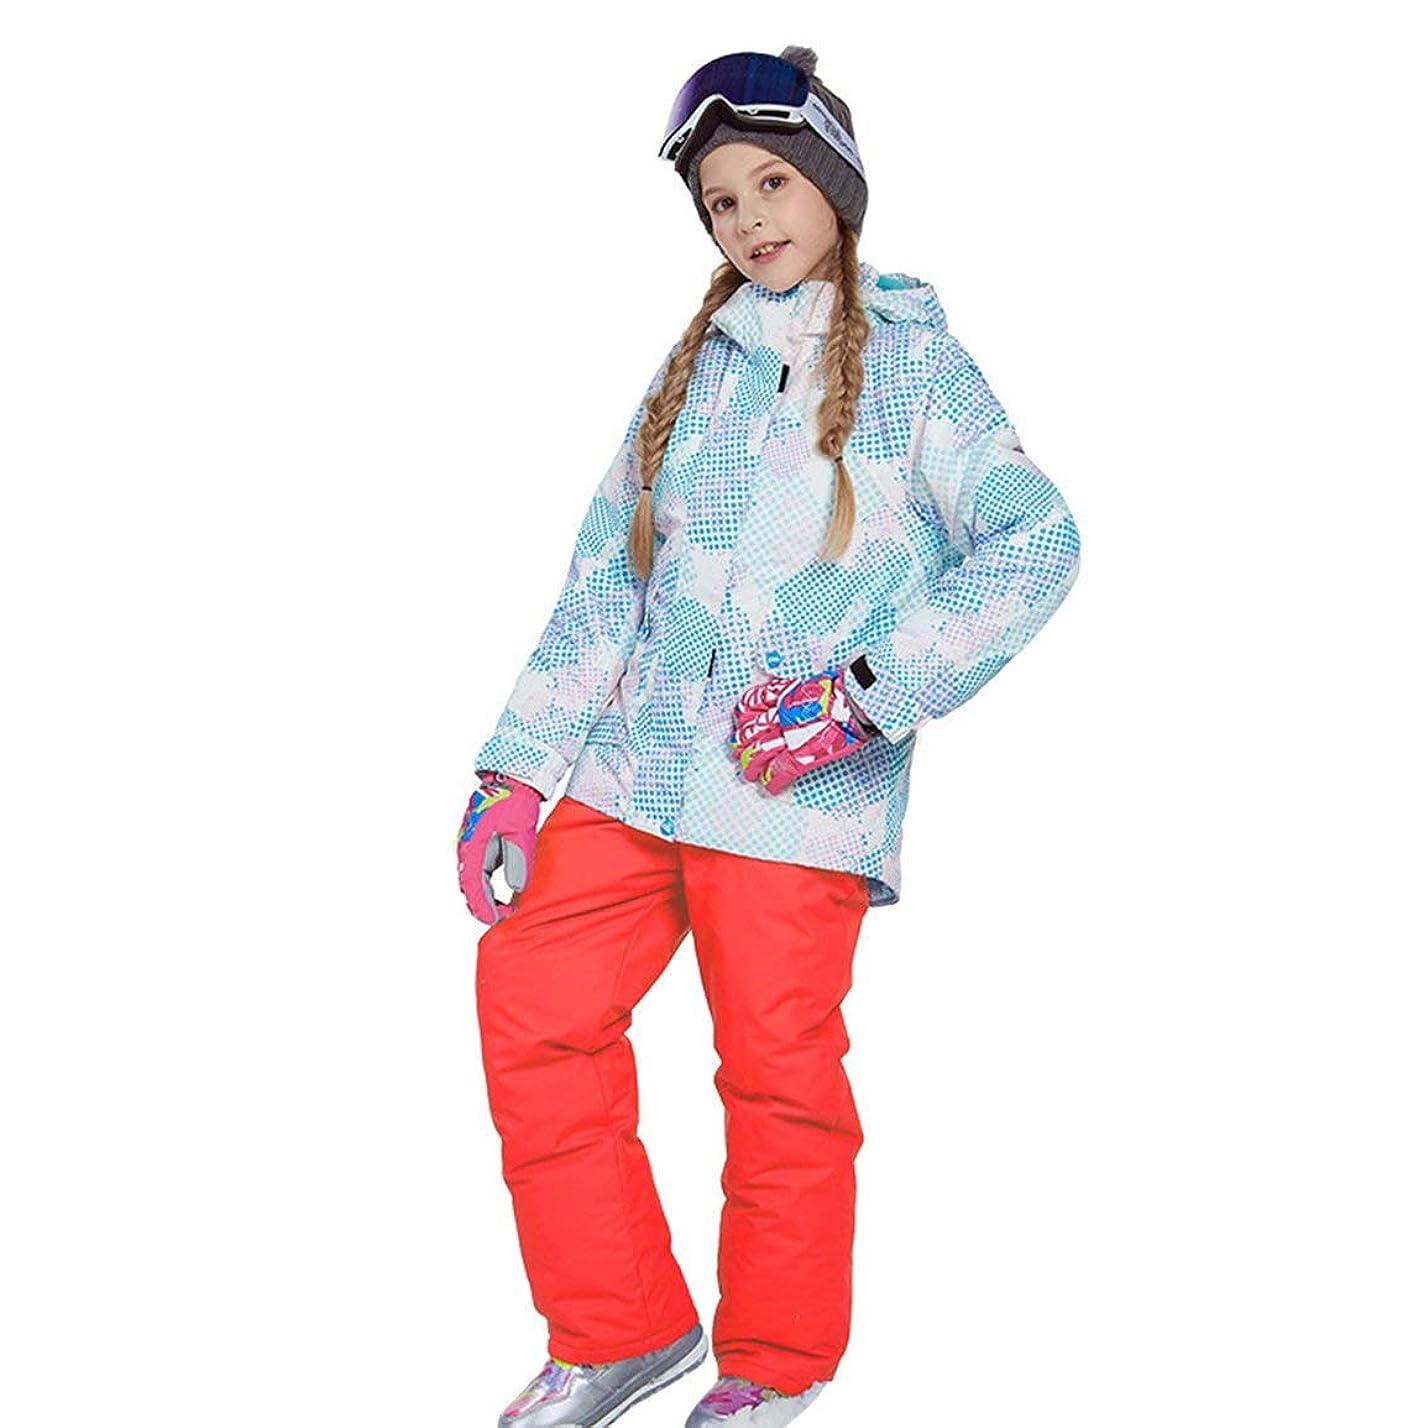 スワップステンレスバスルームラブリーボーイズガールズウィンタースノーボードパーカージャケットスノービブスノースーツセット暖かいスノースーツフード付きスキージャケット+パンツ2個セット-オレンジ110